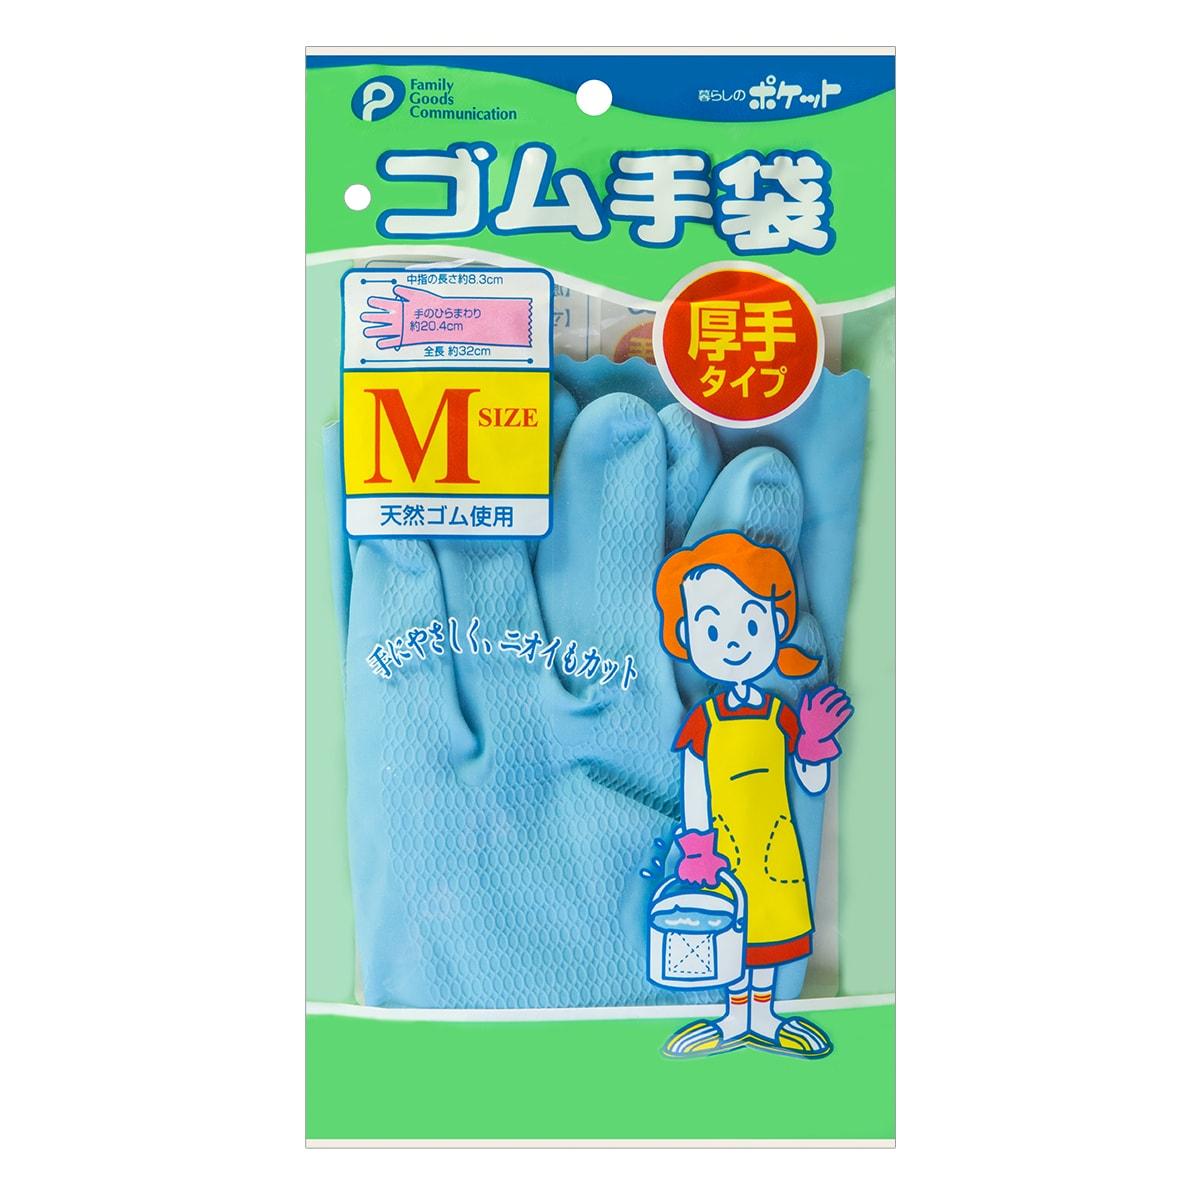 日本FAMILY GOODS 绒里橡胶手套 M码 多种颜色随机发送 怎么样 - 亚米网